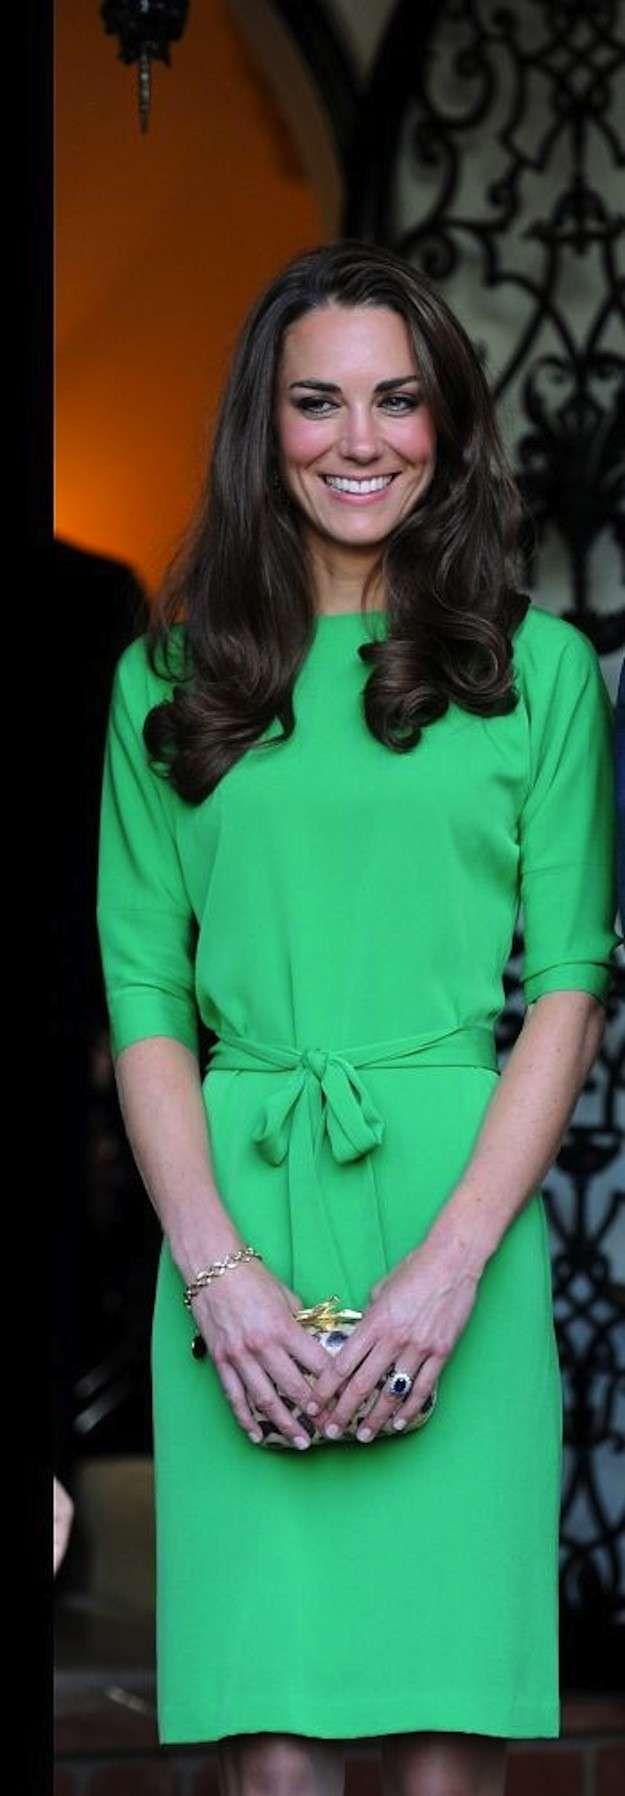 Las 50 mujeres más elegantes del mundo: fotos de las más elegantes - Kate Middleton